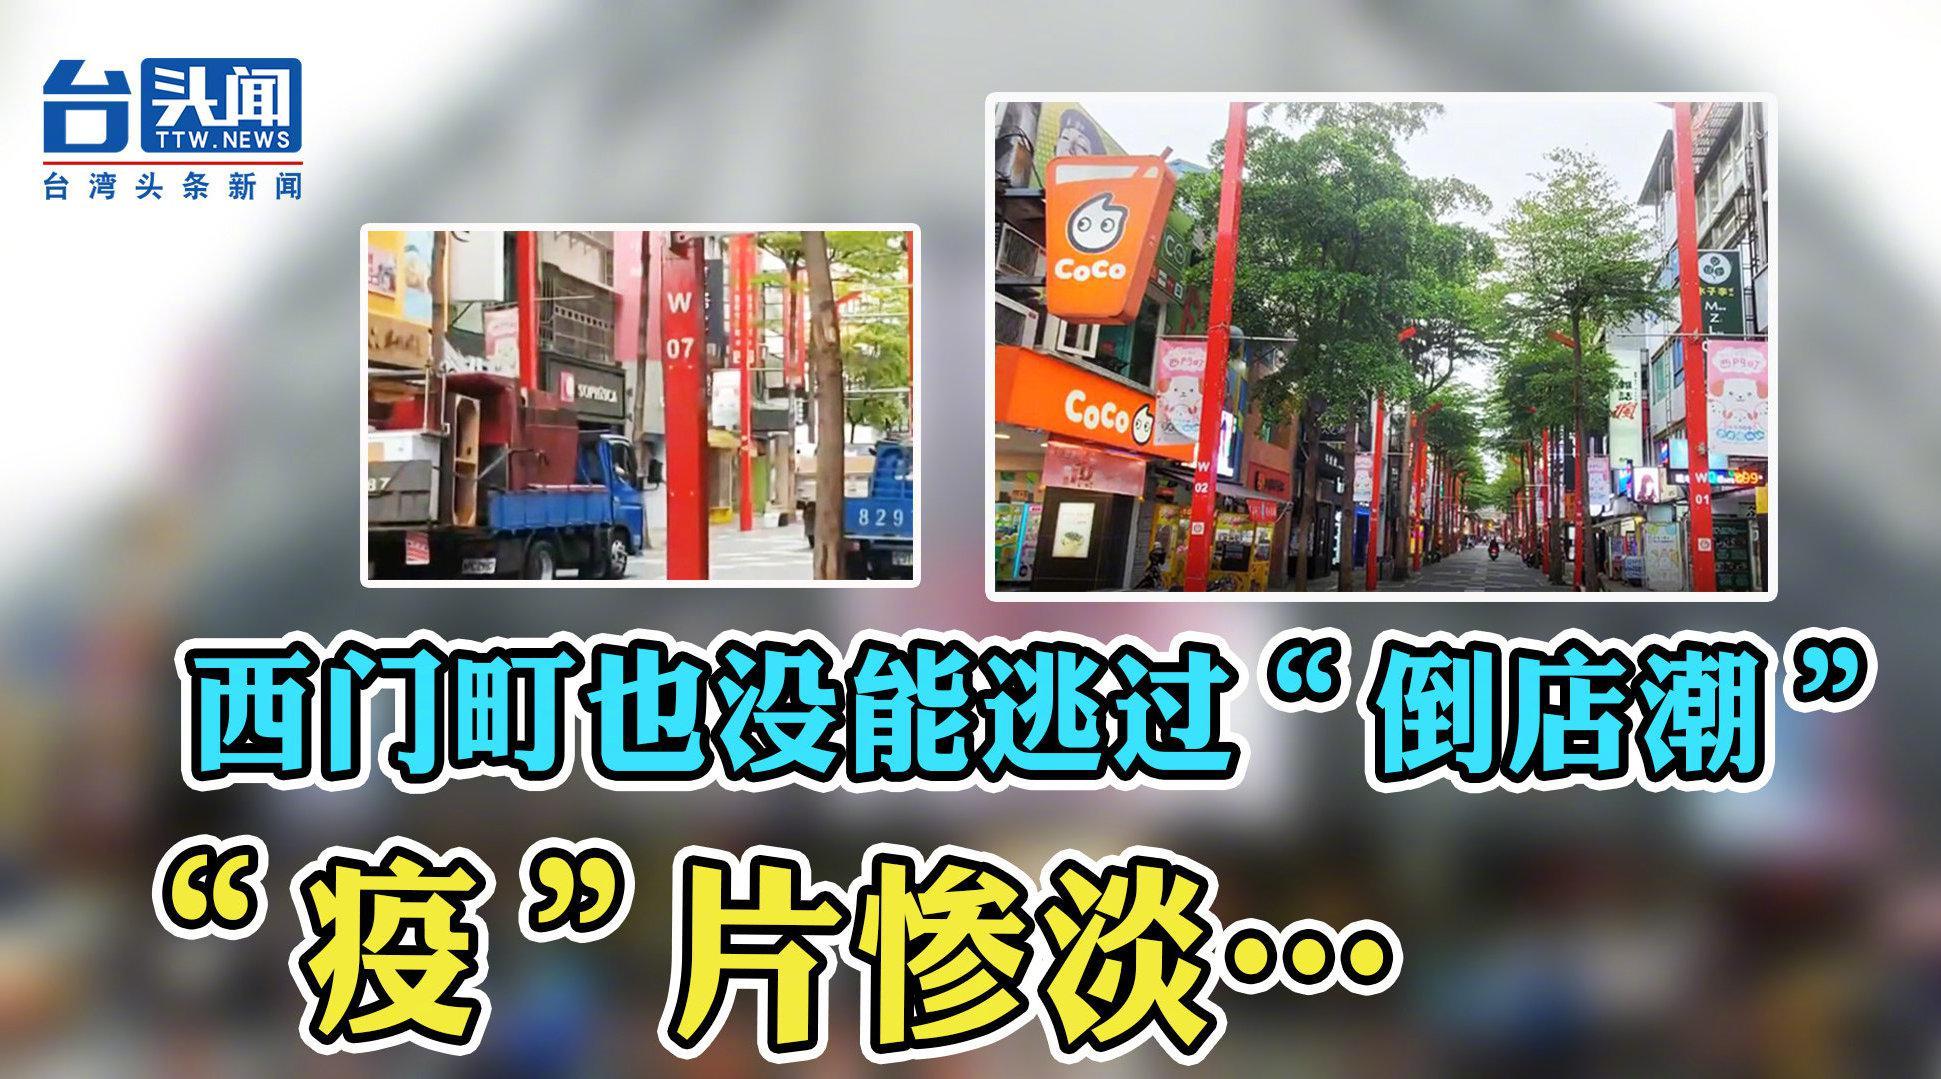 """""""疫""""片惨淡!西门町竟也出现""""倒店潮"""":拆店大货车停满整条街"""